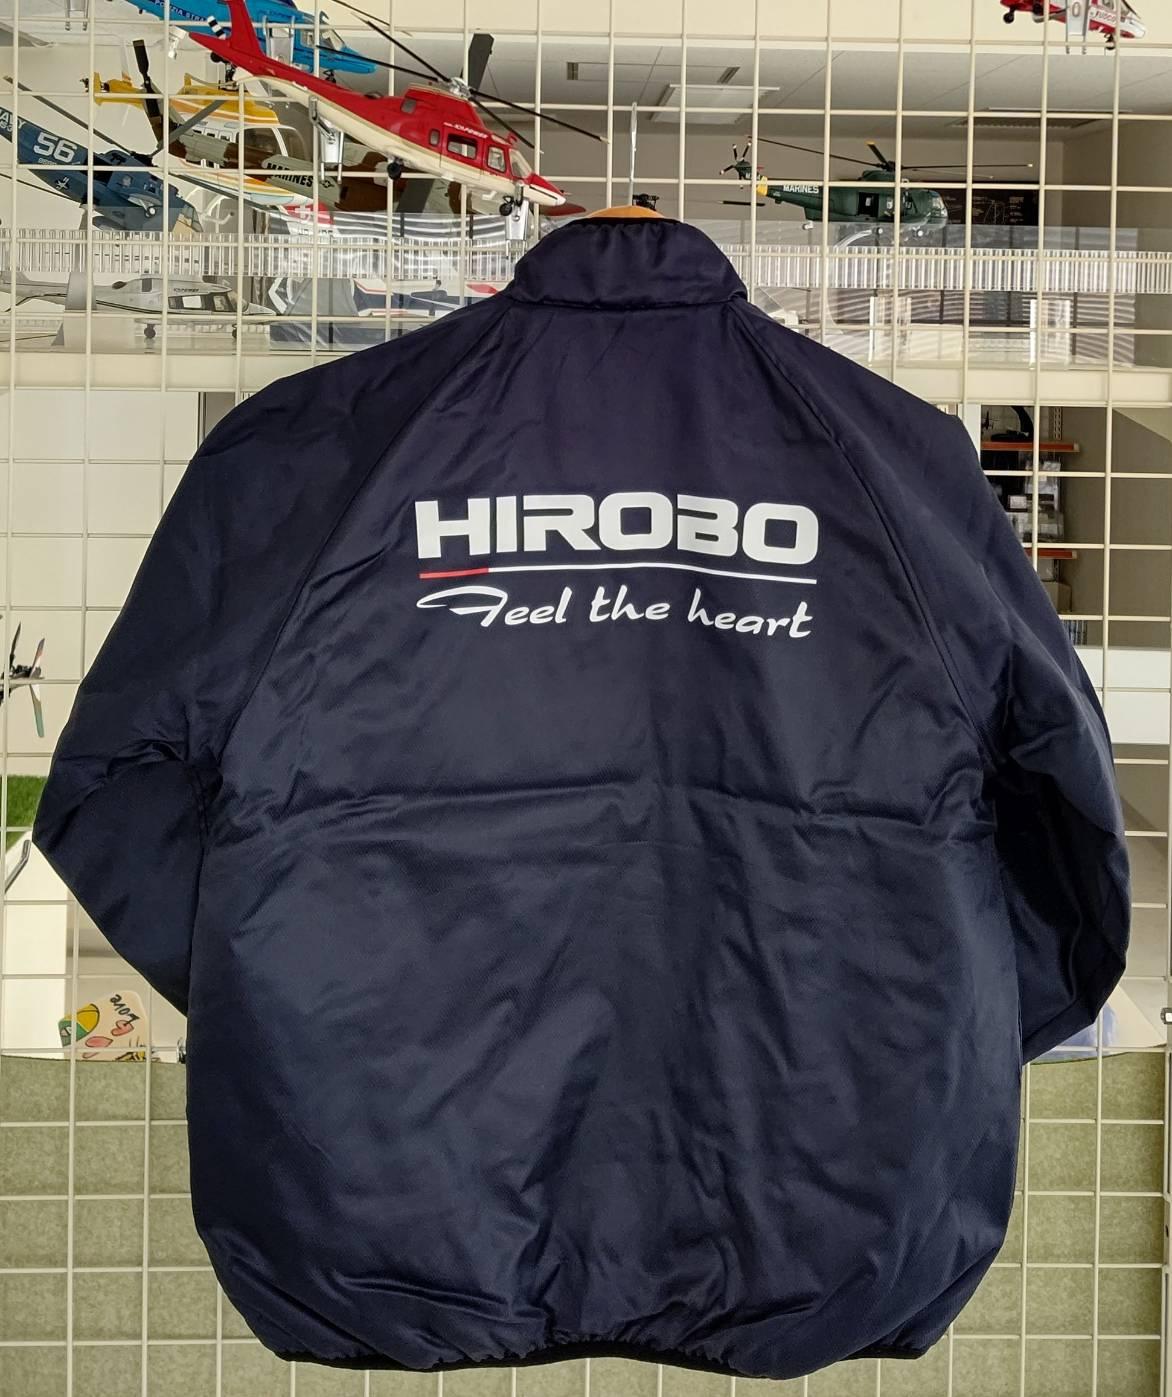 ヒロボー HIROBO チームグッズ 【2515-190】 ライトウォームジャケット ネイビー 3Lサイズ